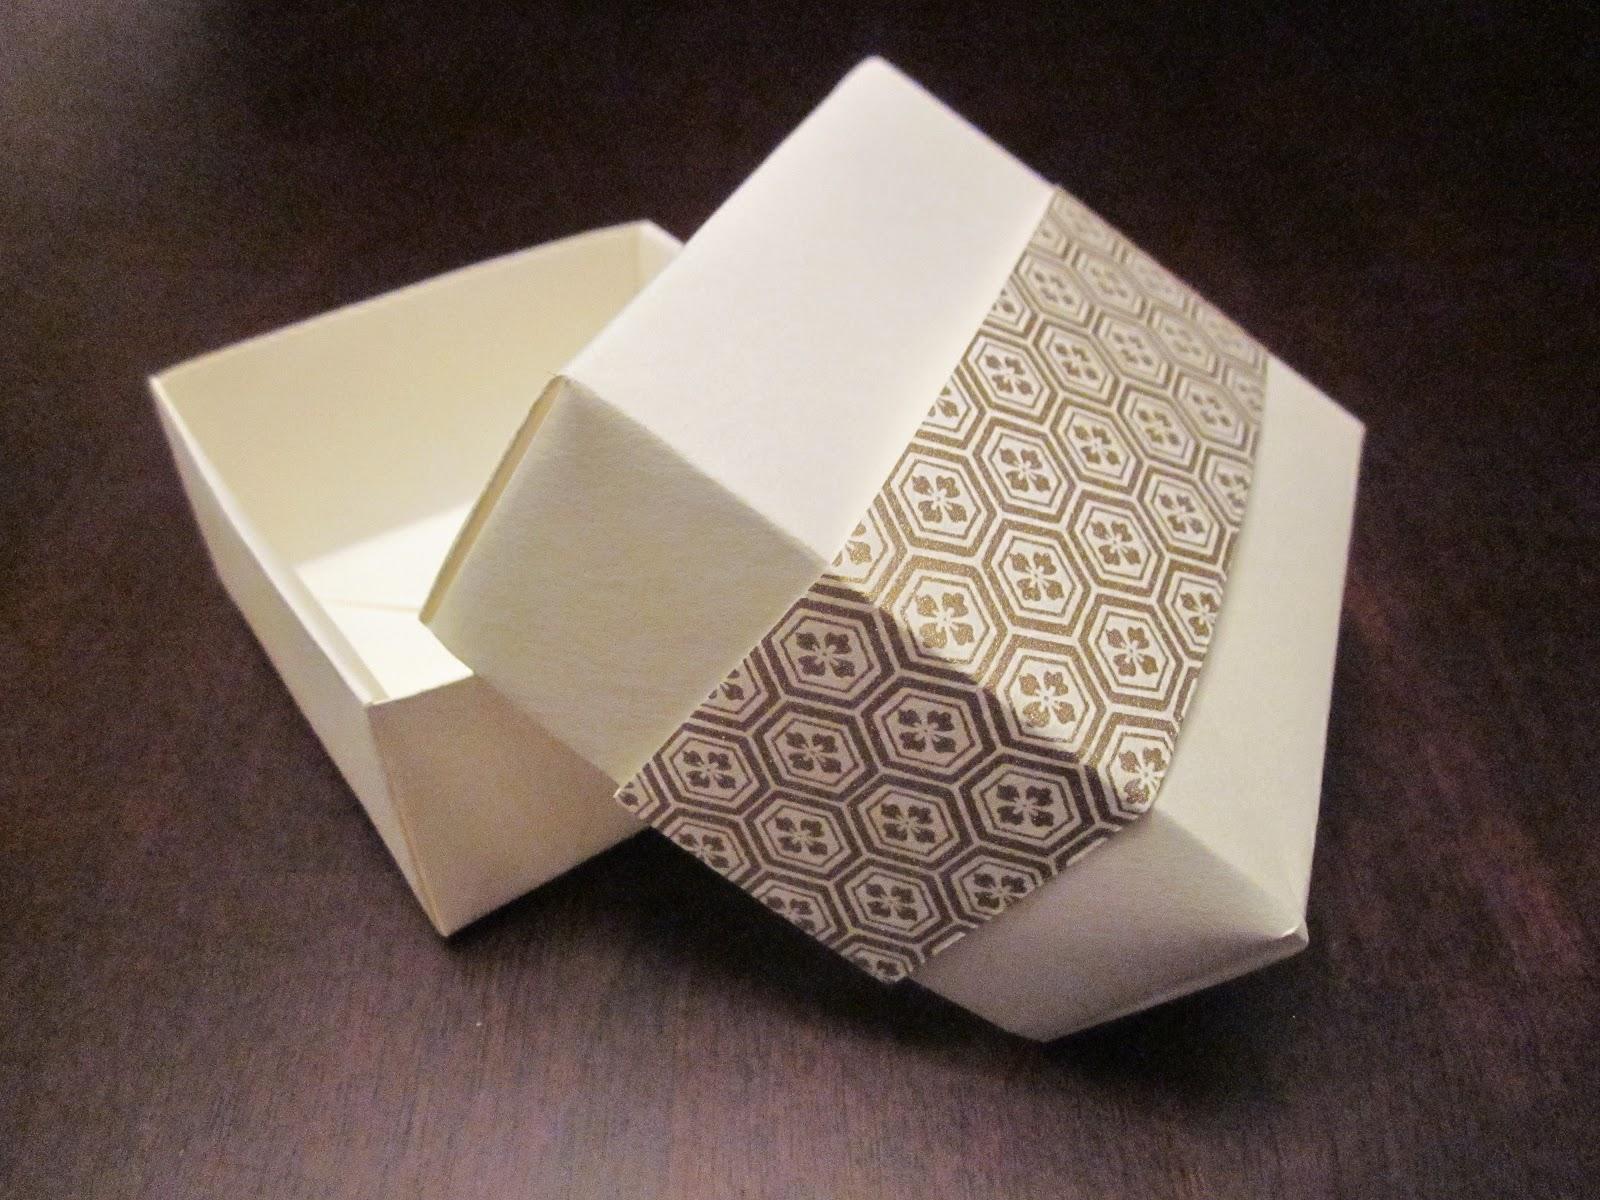 すべての折り紙 折り紙 クリスマスプレゼント : ... 折り紙の箱-白と金。Origami Box